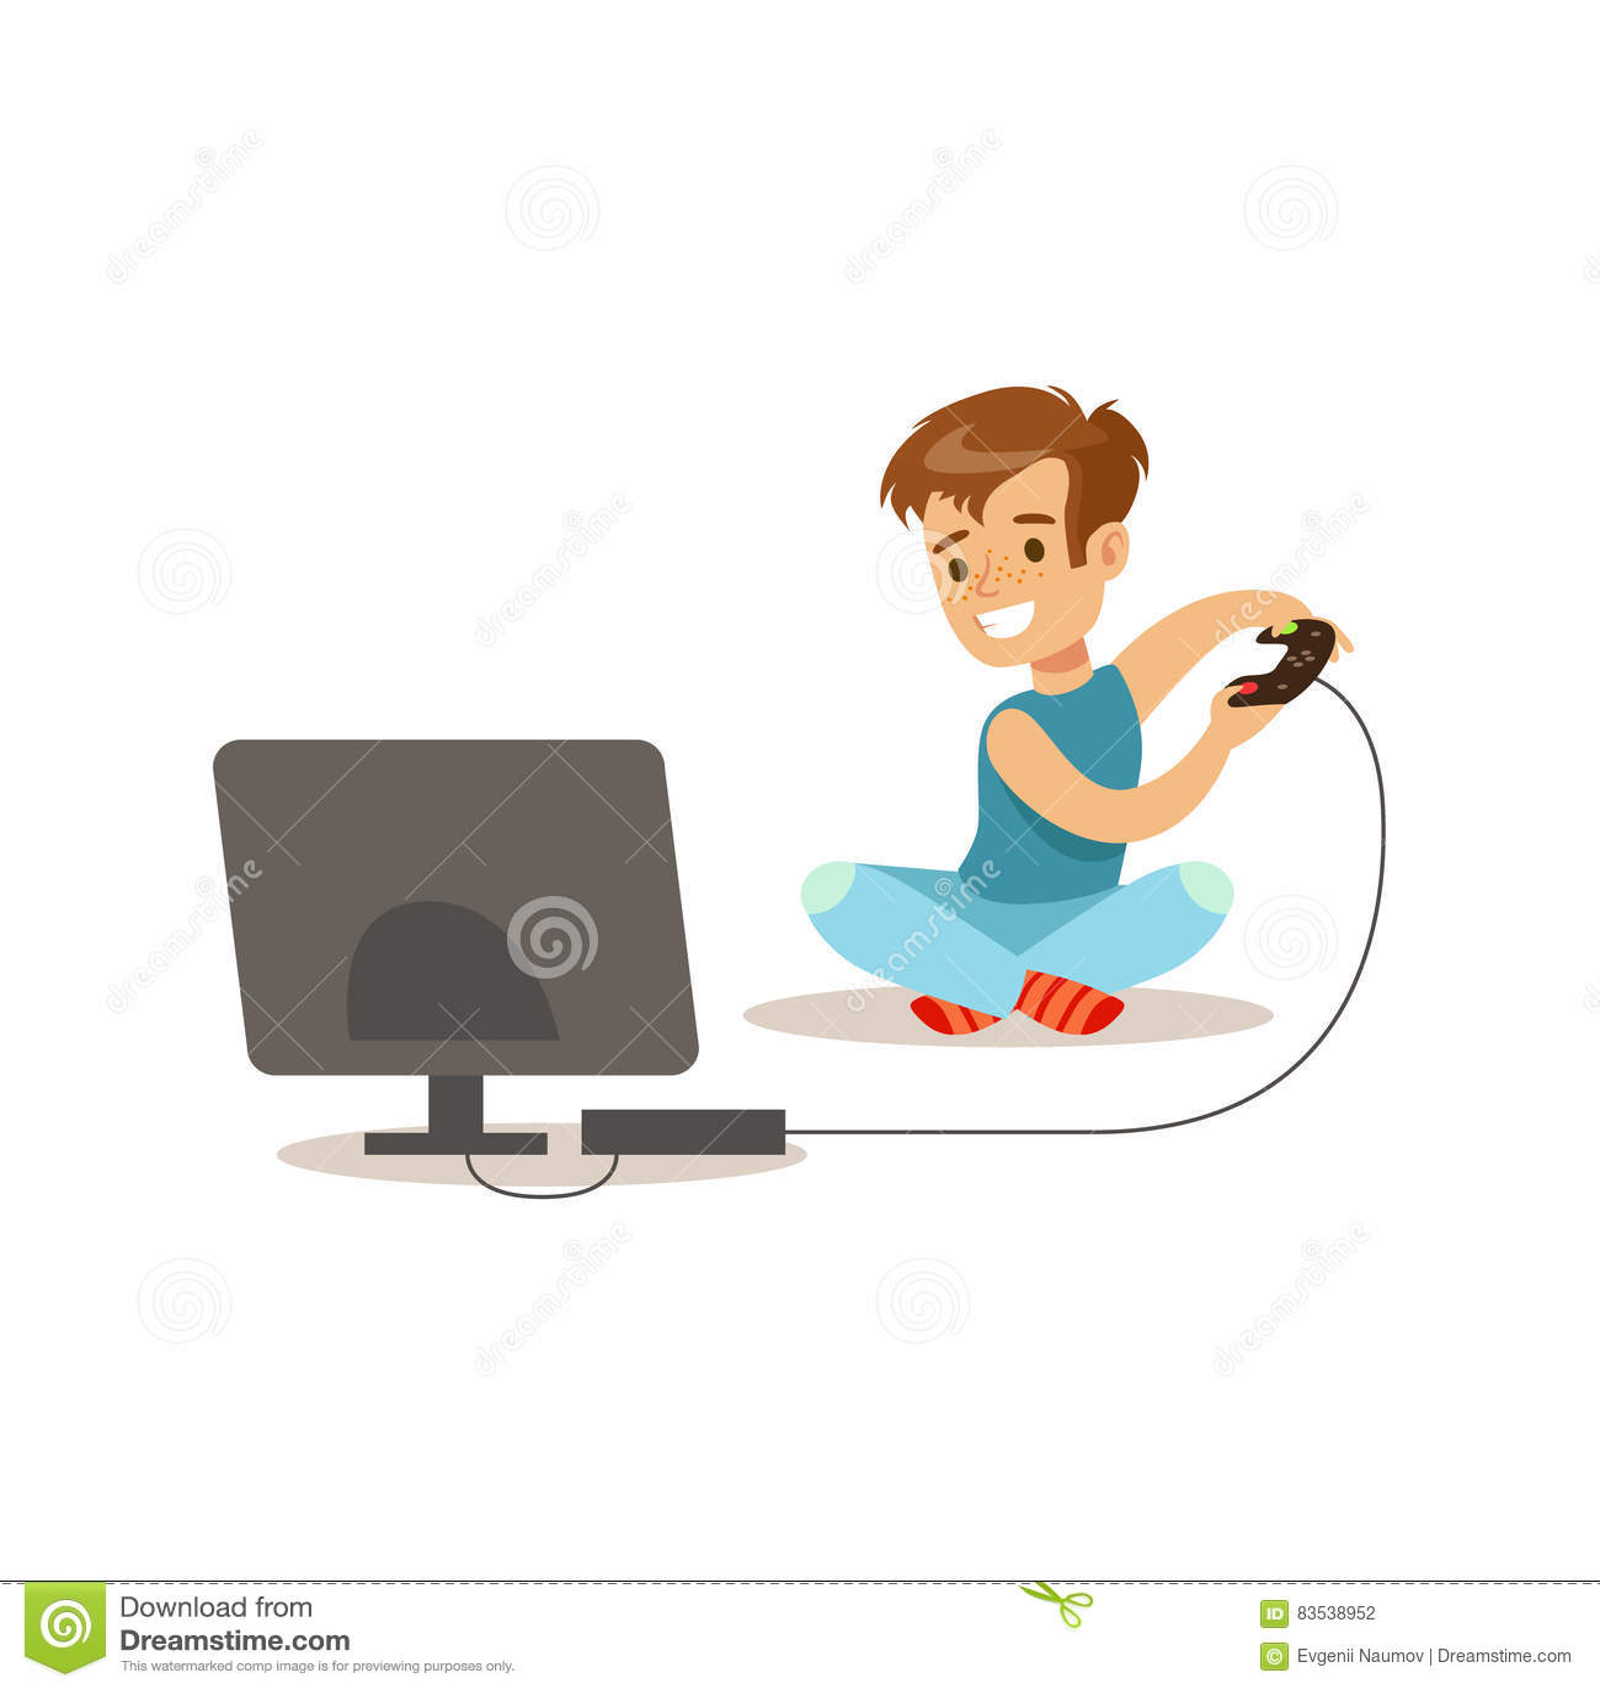 Menino que joga jogos de vídeo do console, ilustração clássica prevista do comportamento da criança papel masculino tradicional